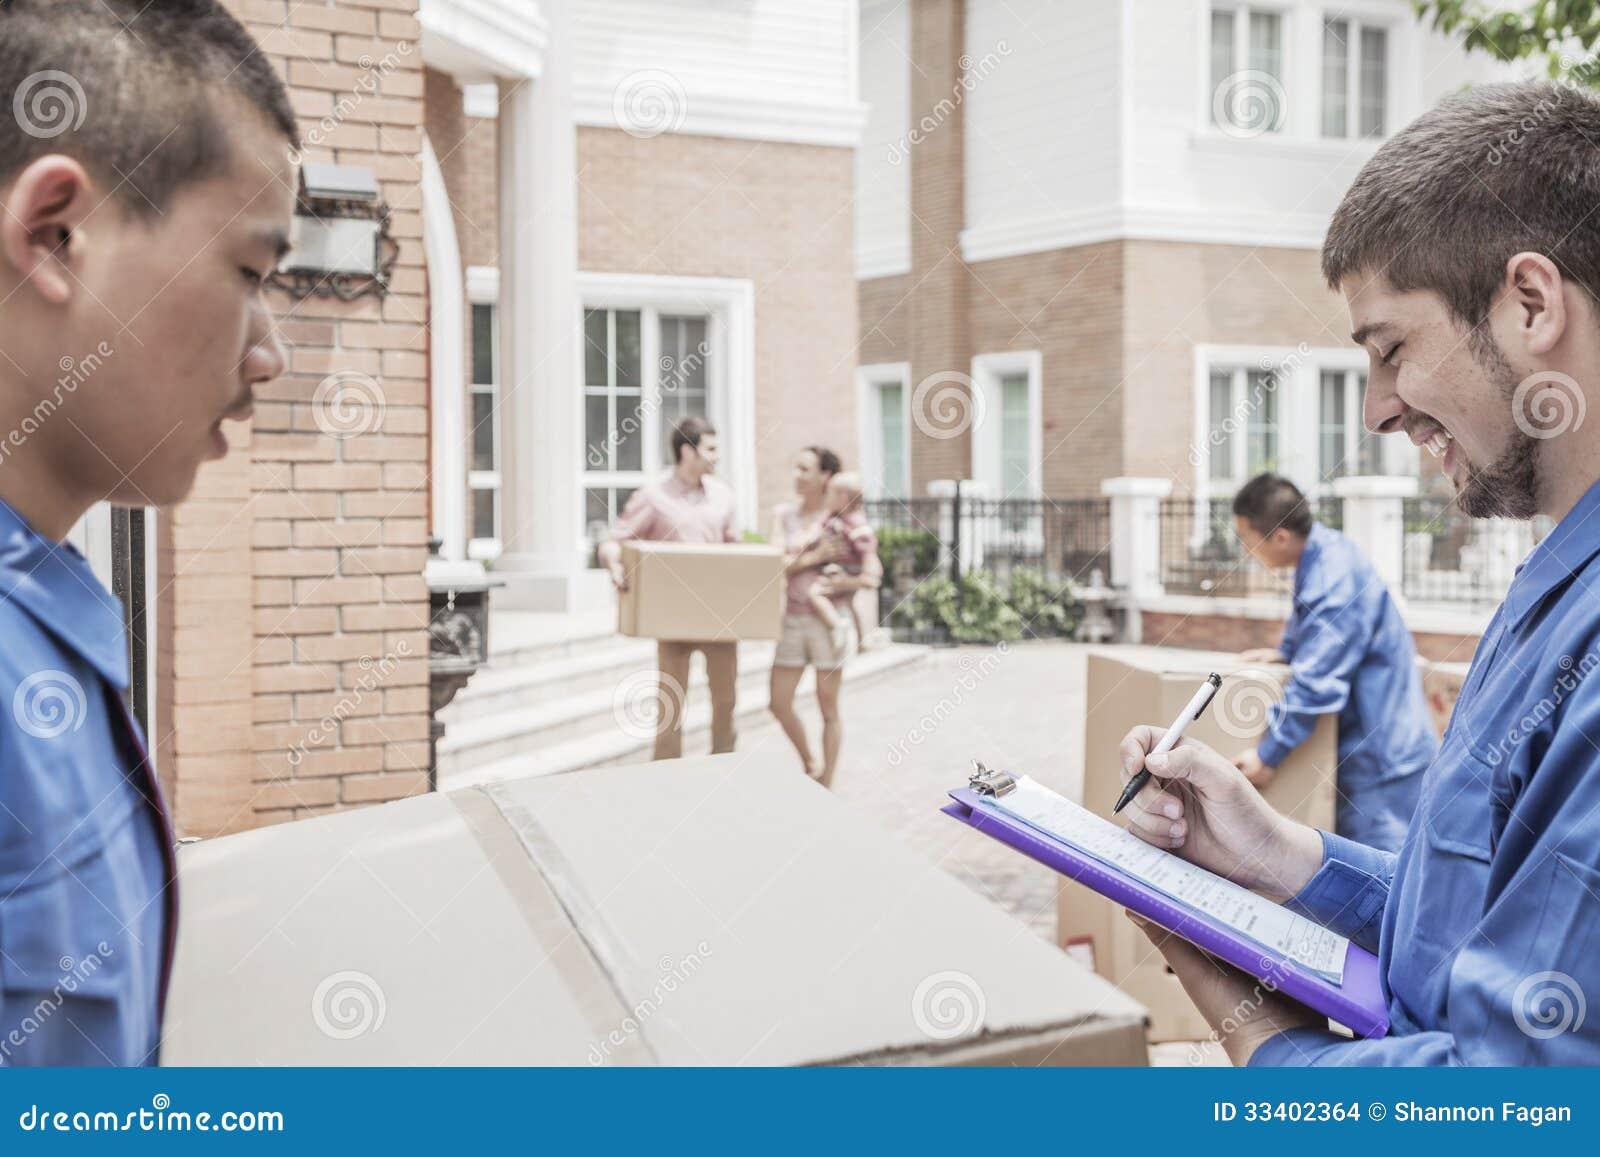 拿着剪贴板和发货票,家庭的搬家工人在背景中